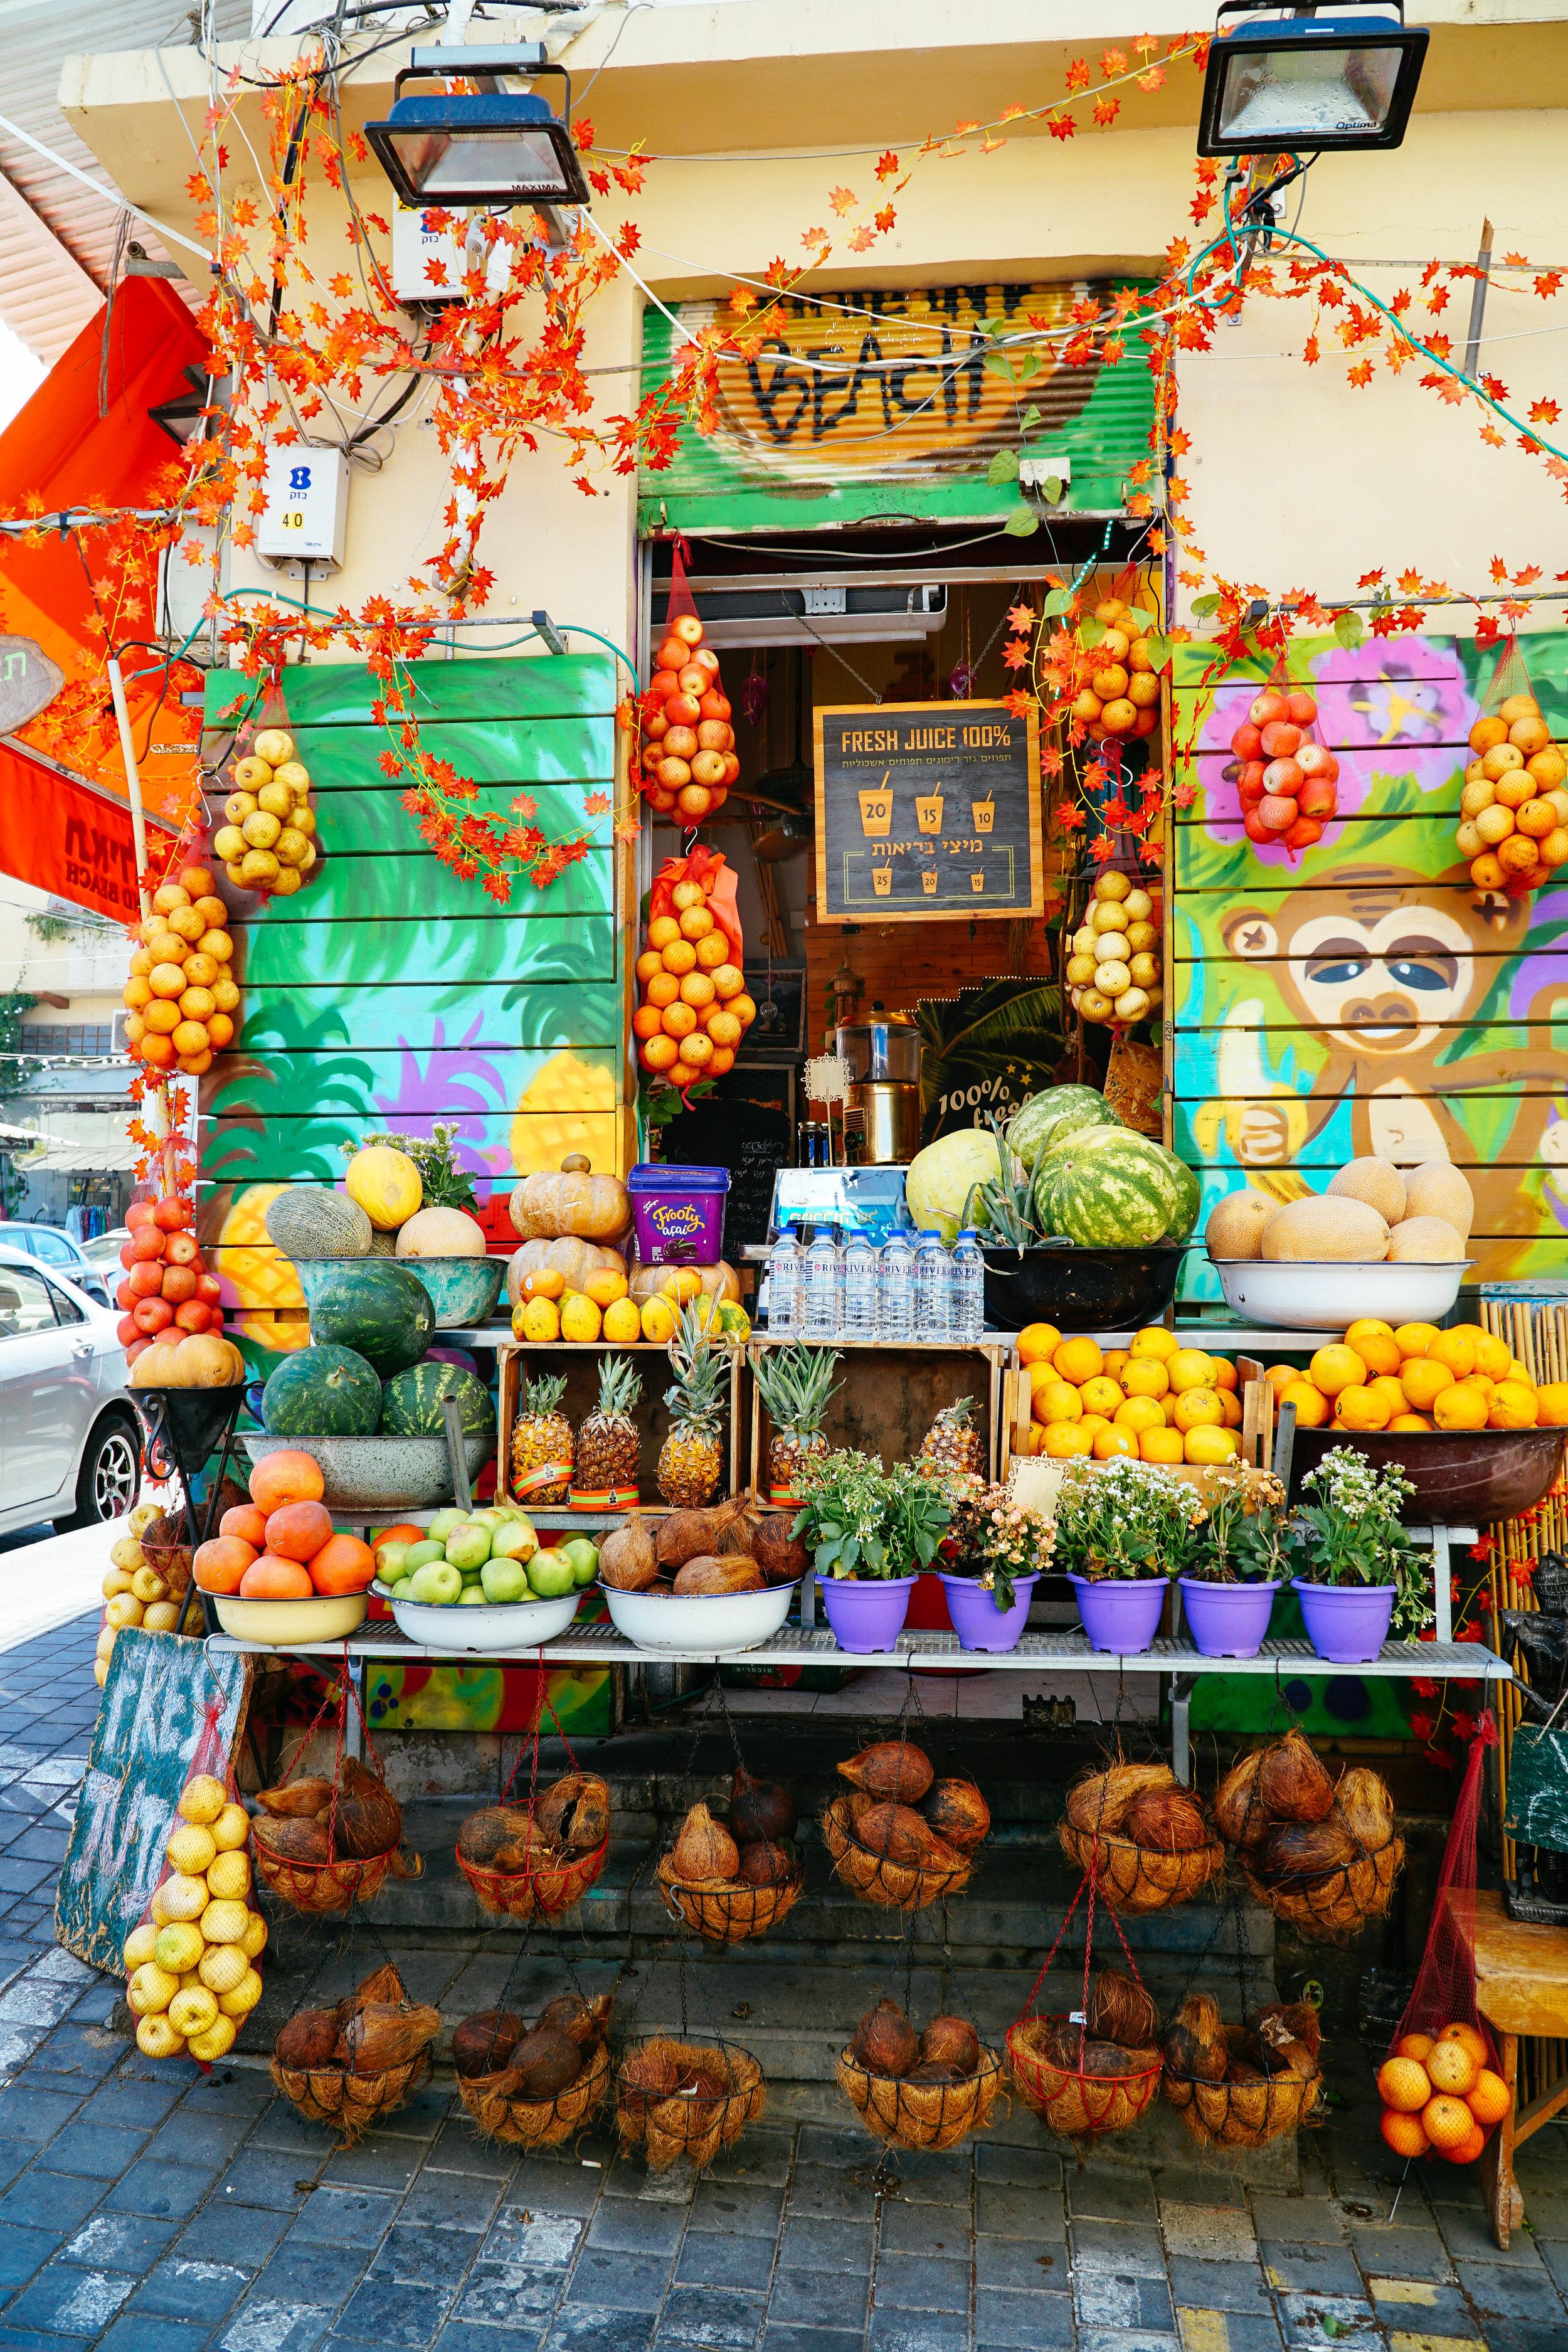 Fruit stand in Tel Aviv Yafo area by Julia Friedman.